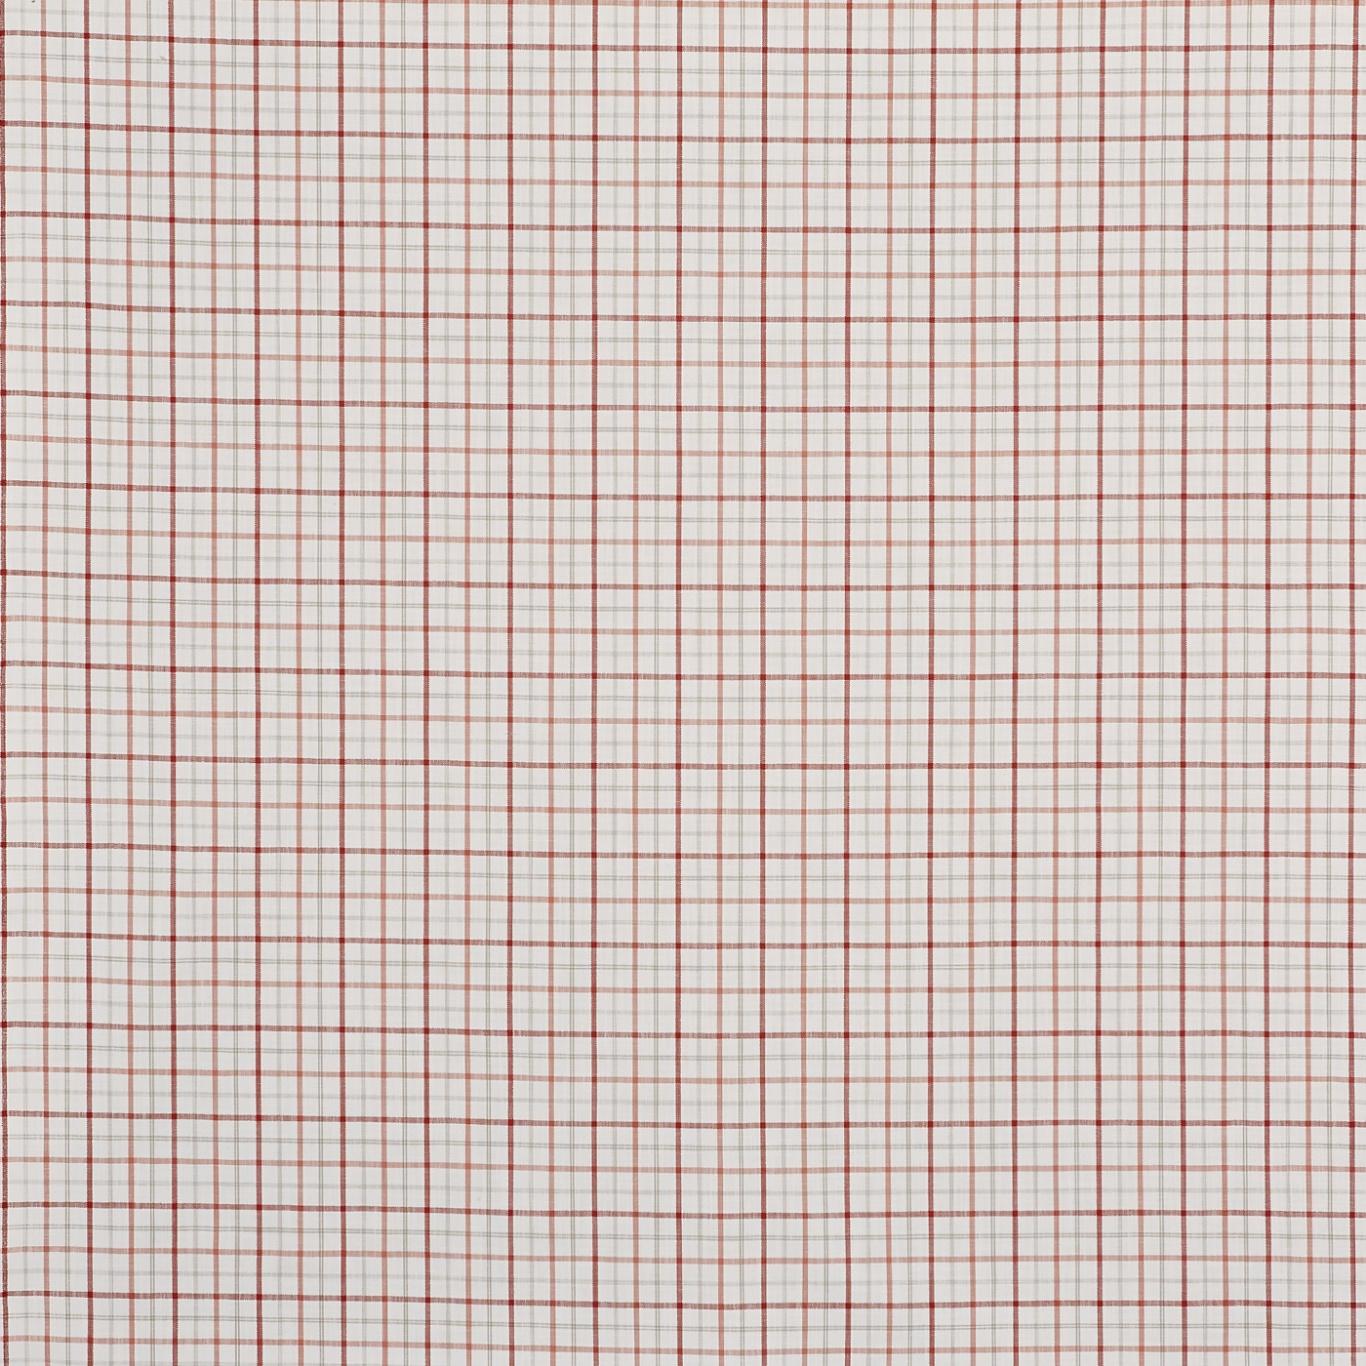 Image of Prestigious Brunswick Coral Fabric 3816/406